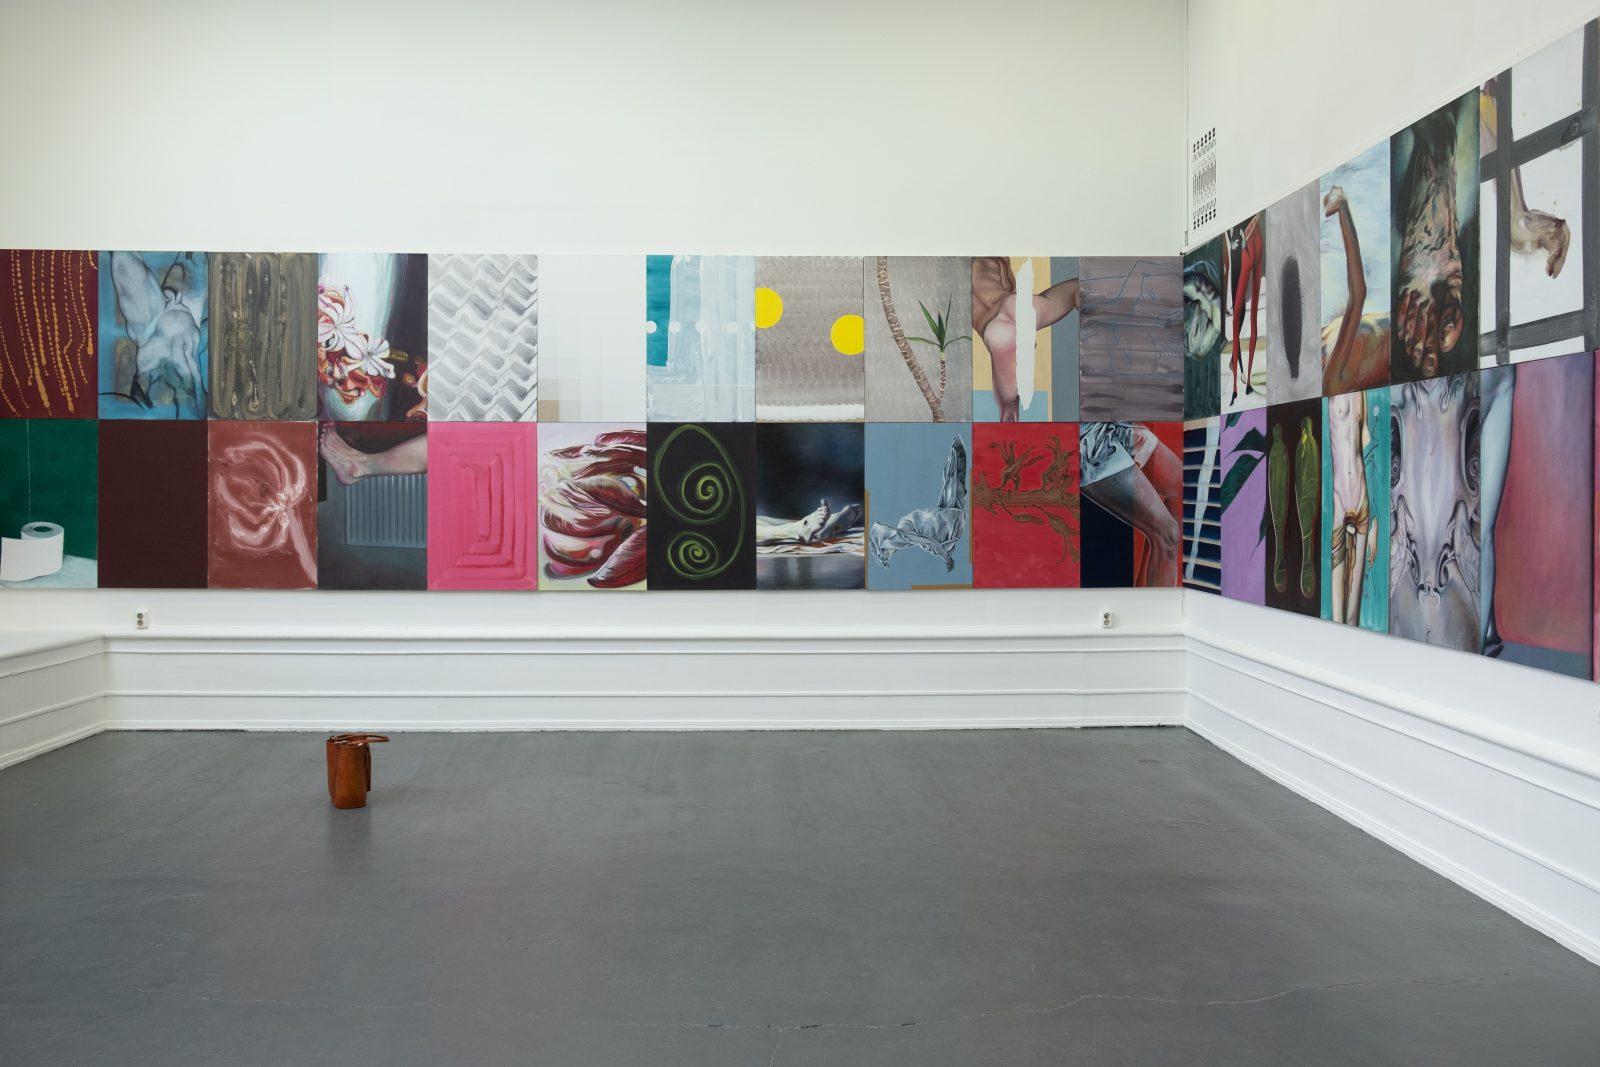 """Installation """"In No Particular Order"""", 2019, Galleri Flach,  Konstakademiens hus, Stockholm. Photo: Vanessa Fristedt"""